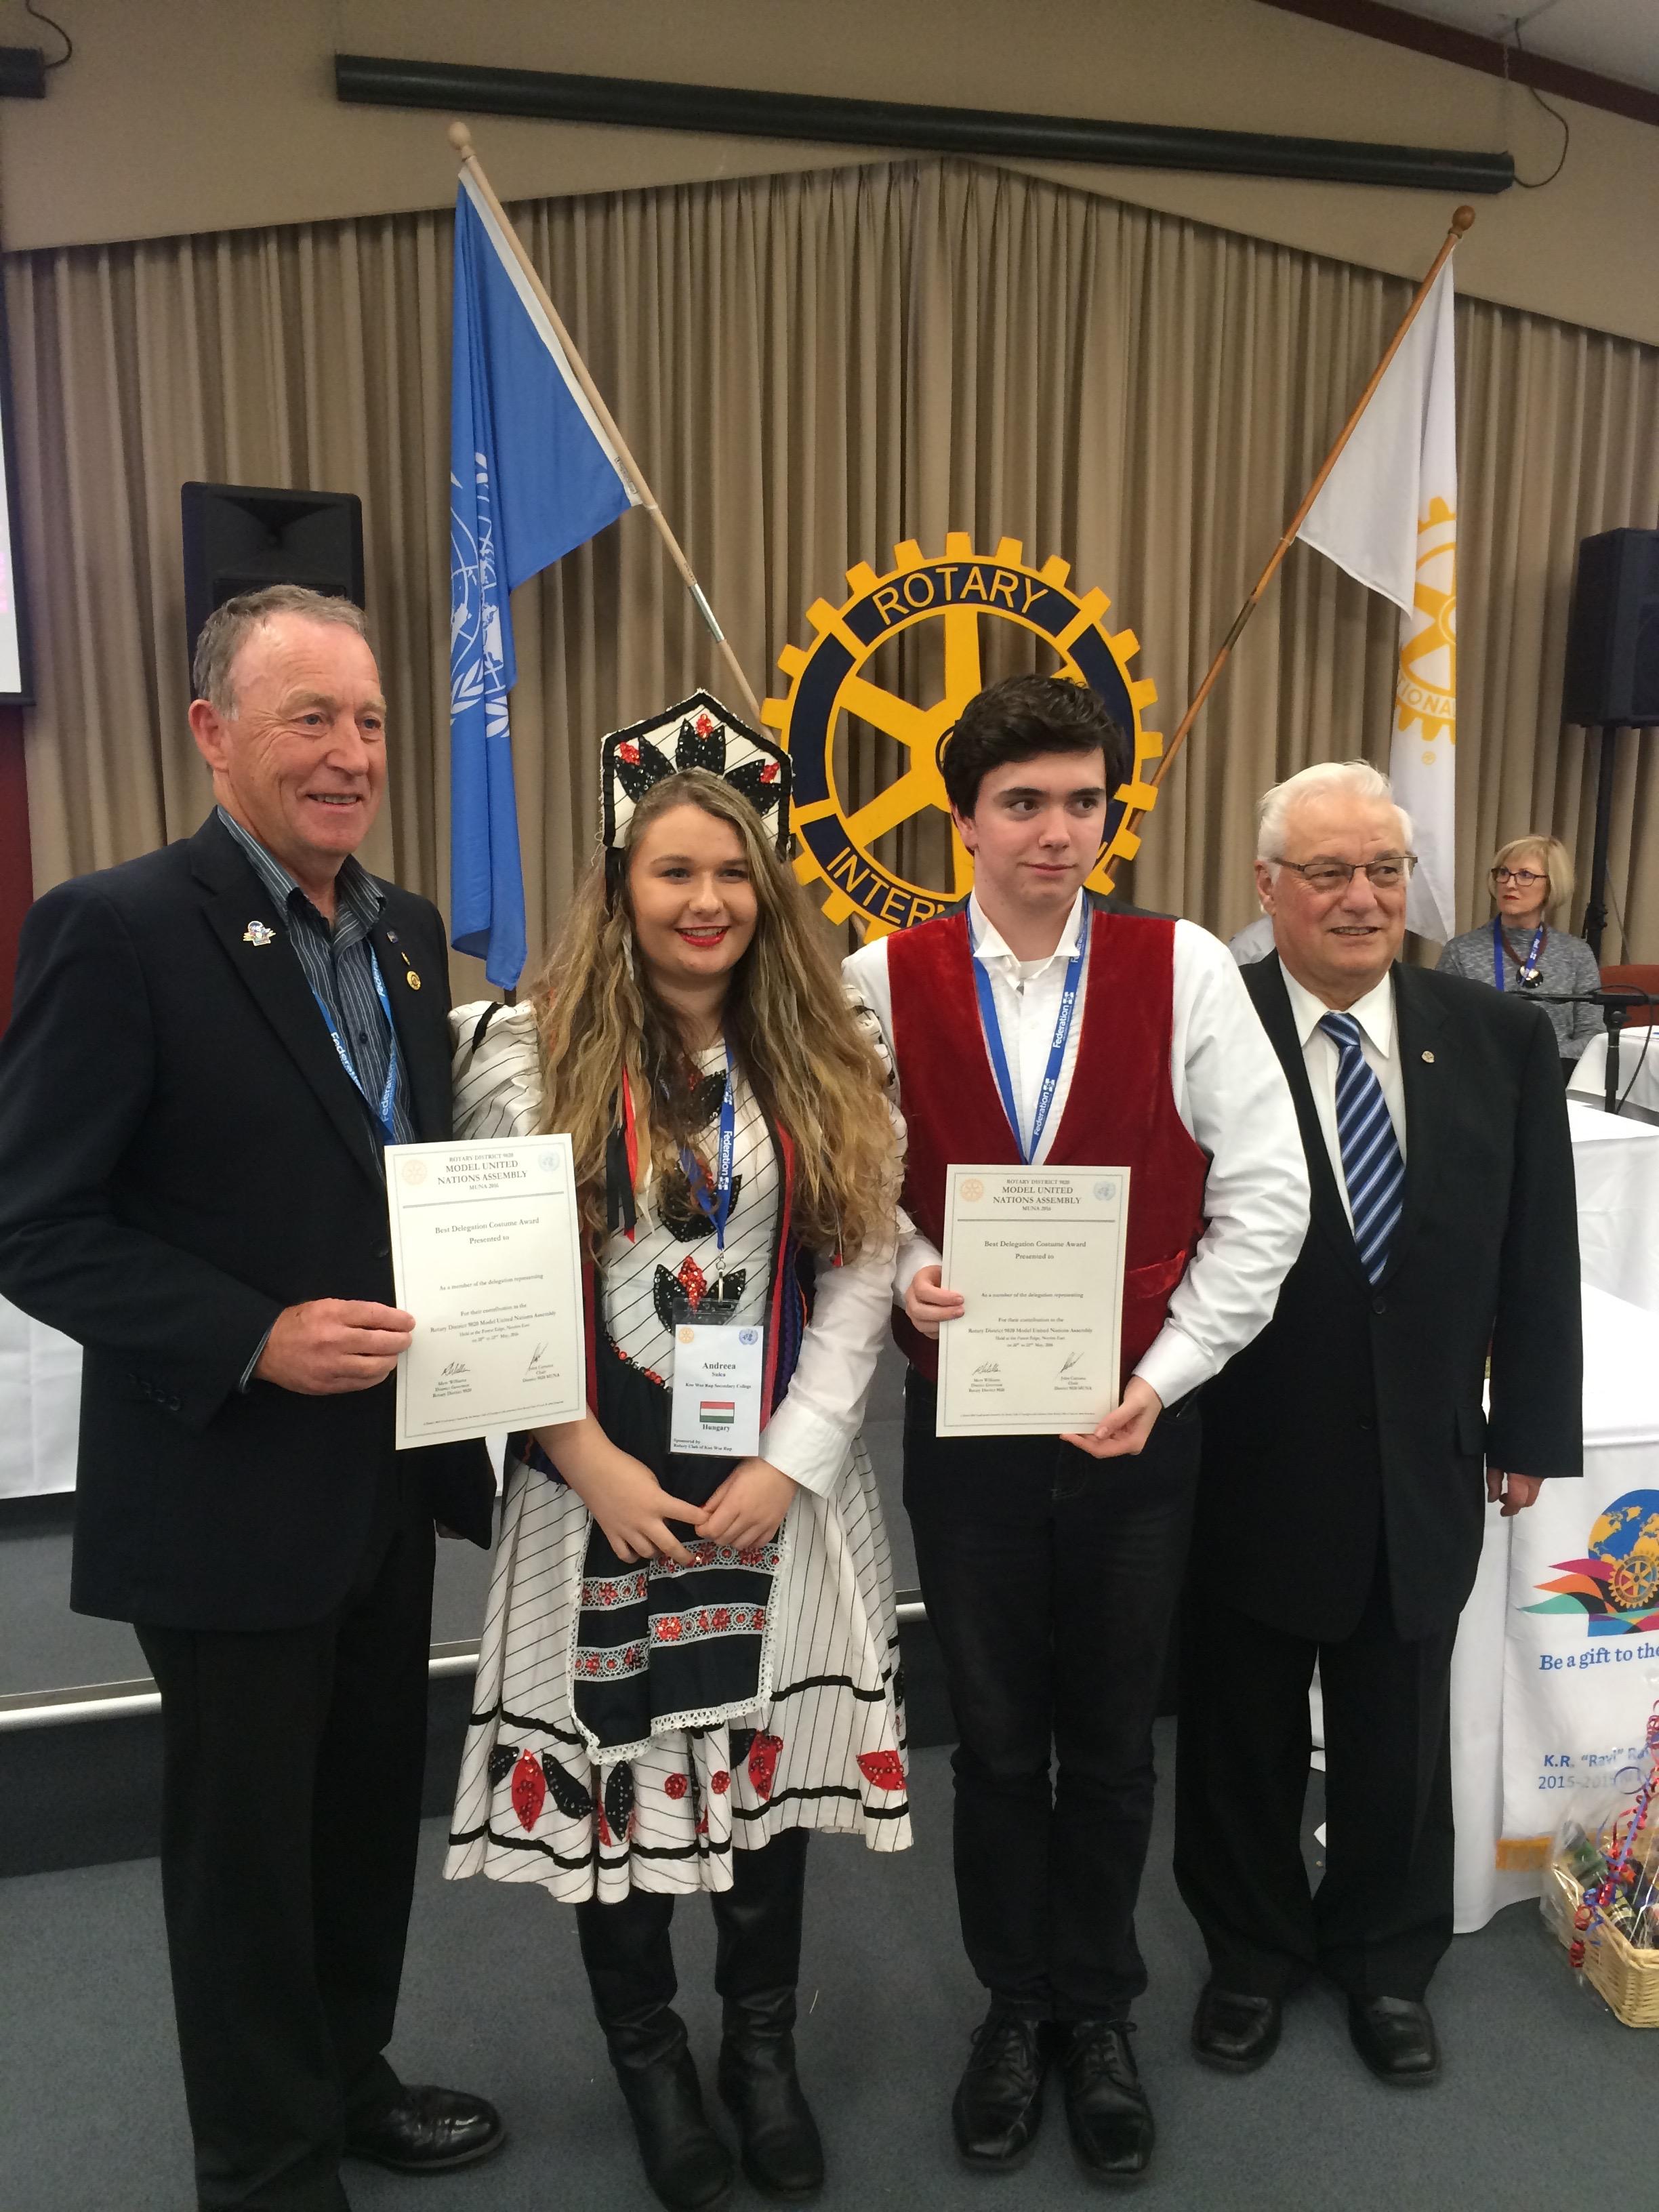 Best Delegation Costume Award